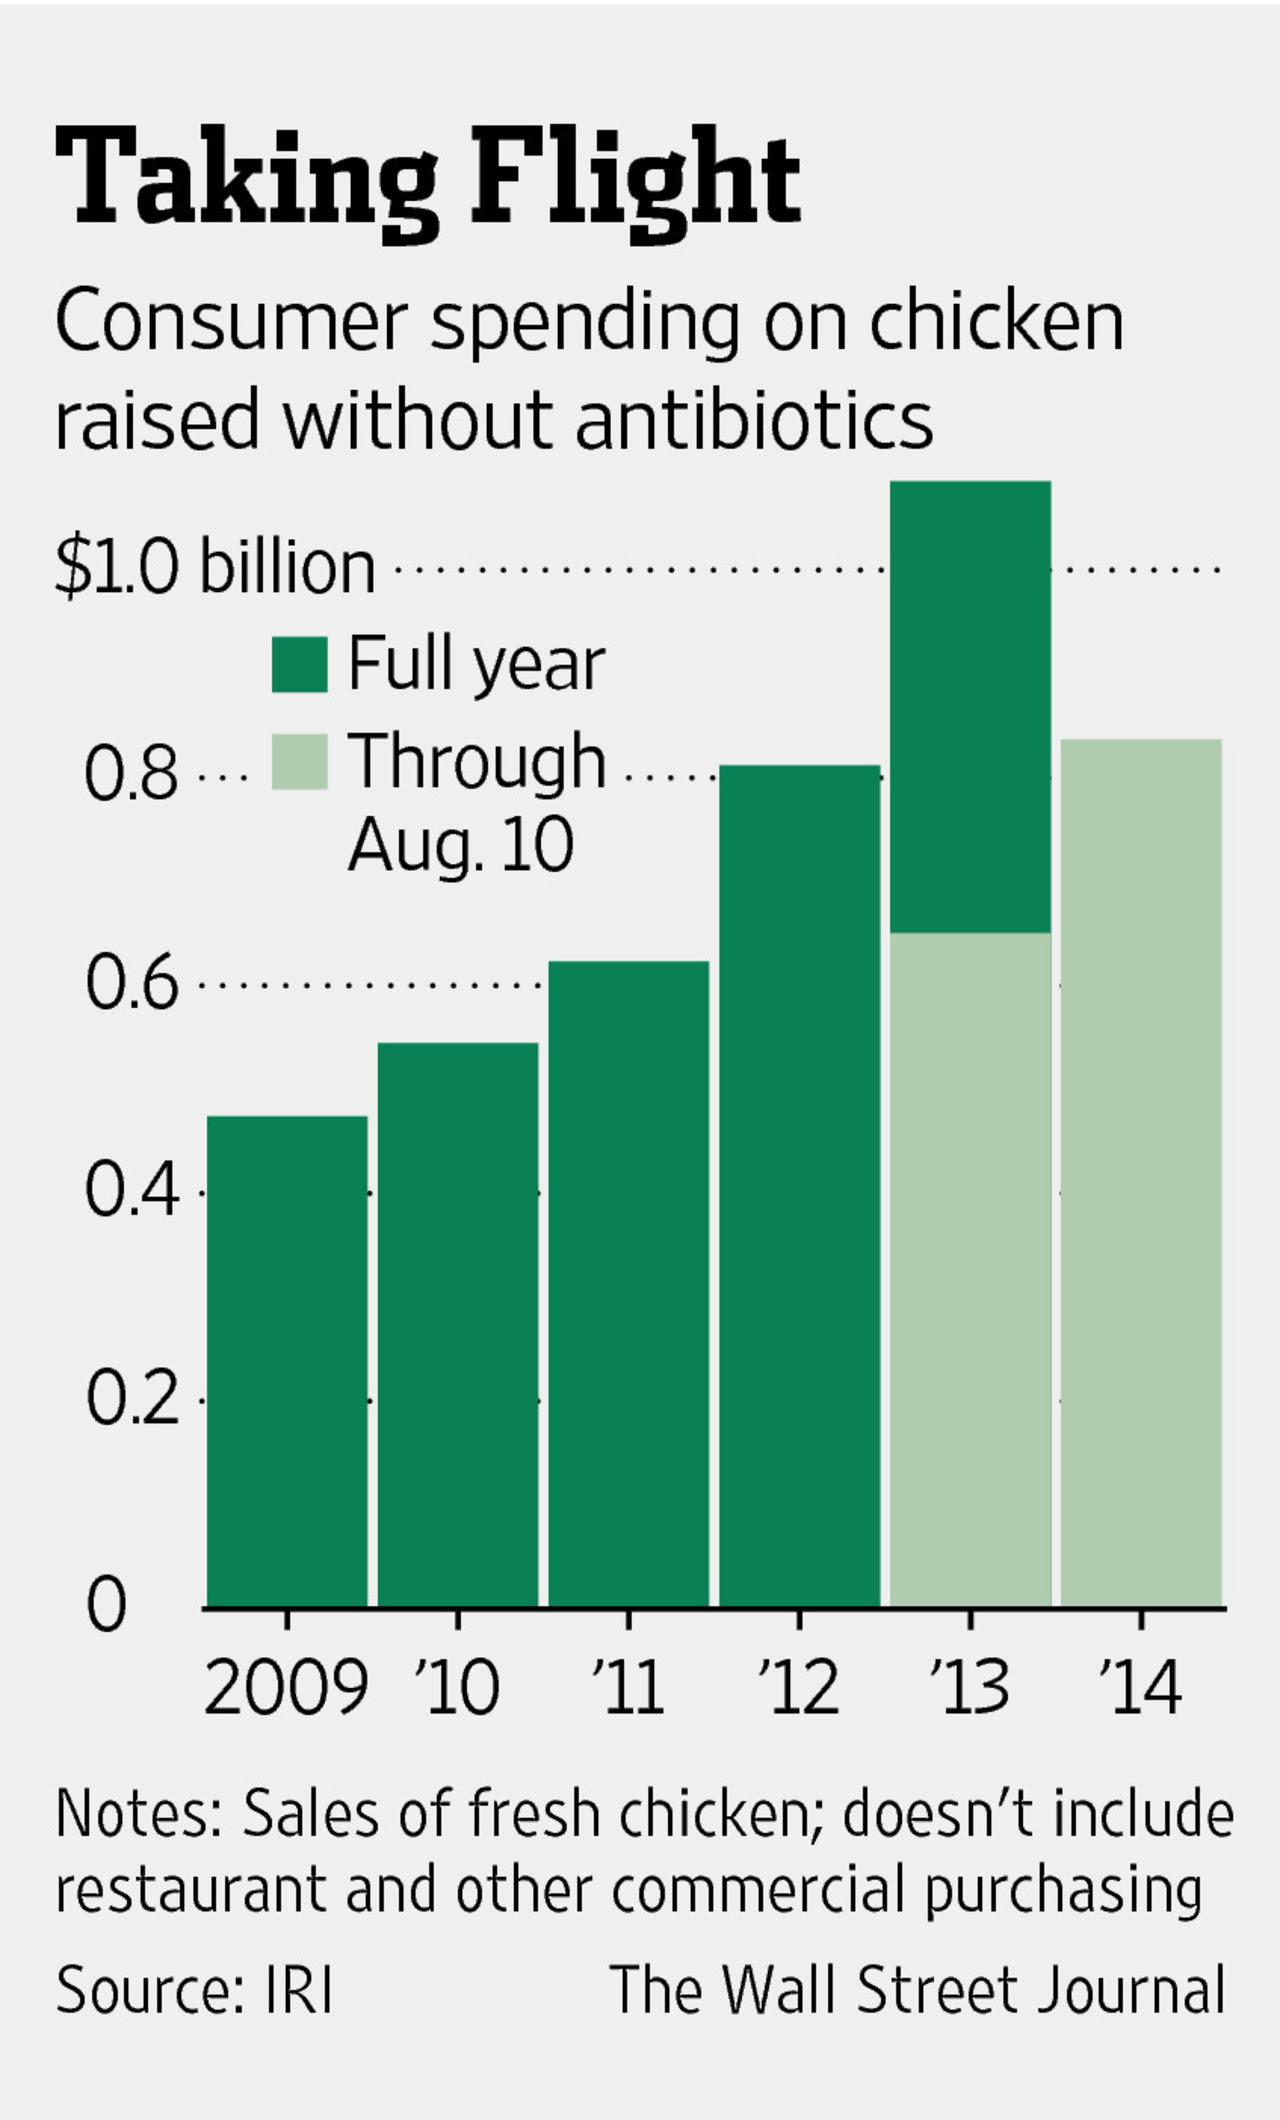 Sales Of Chicken Without Antibiotics: 2009-2014